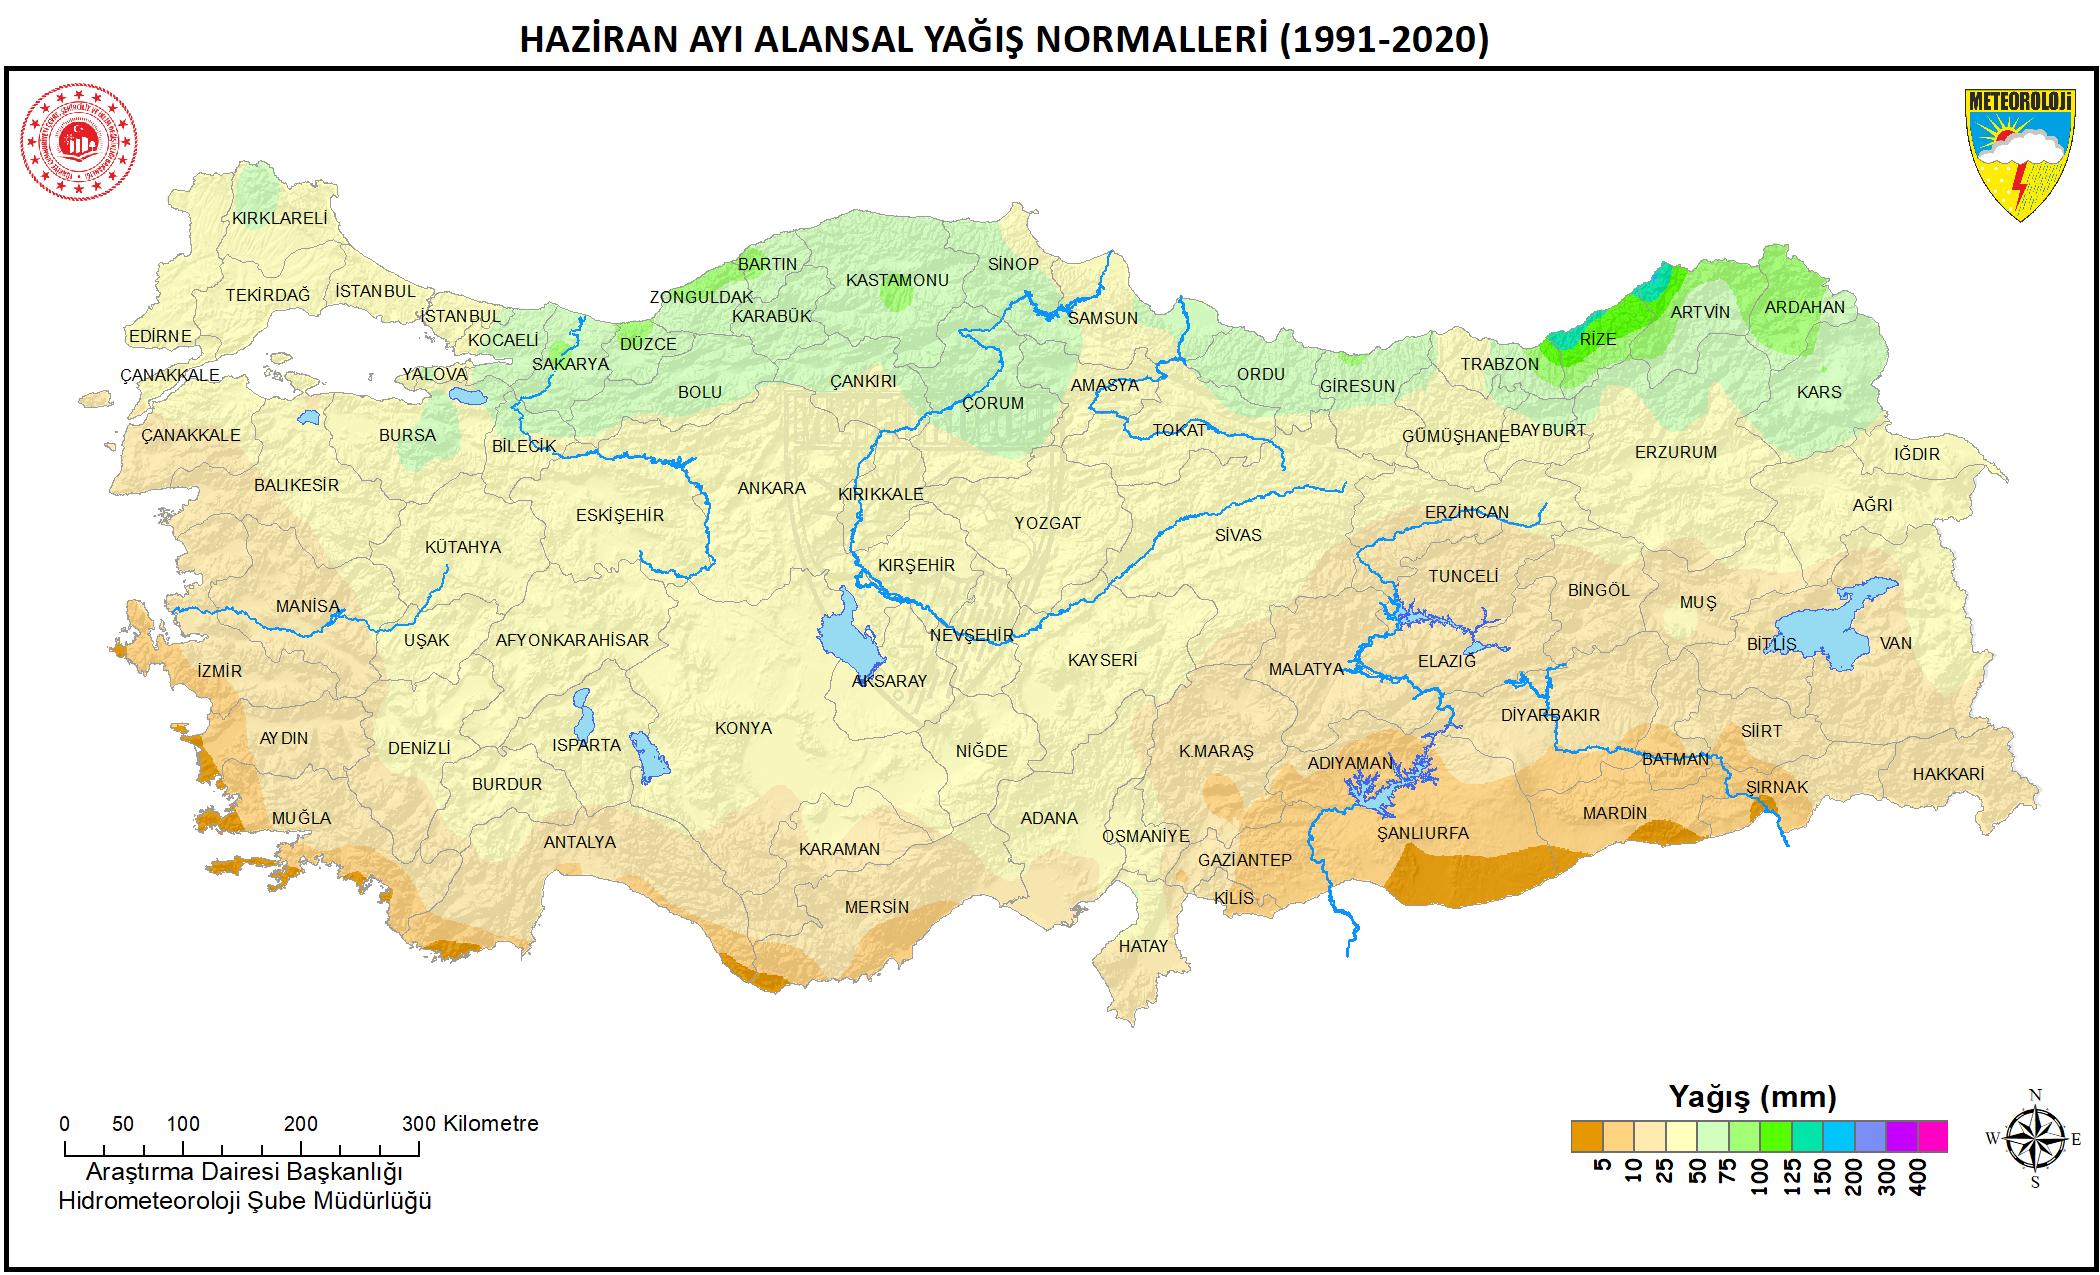 Türkiye, Normalleri ile karşılaştırma